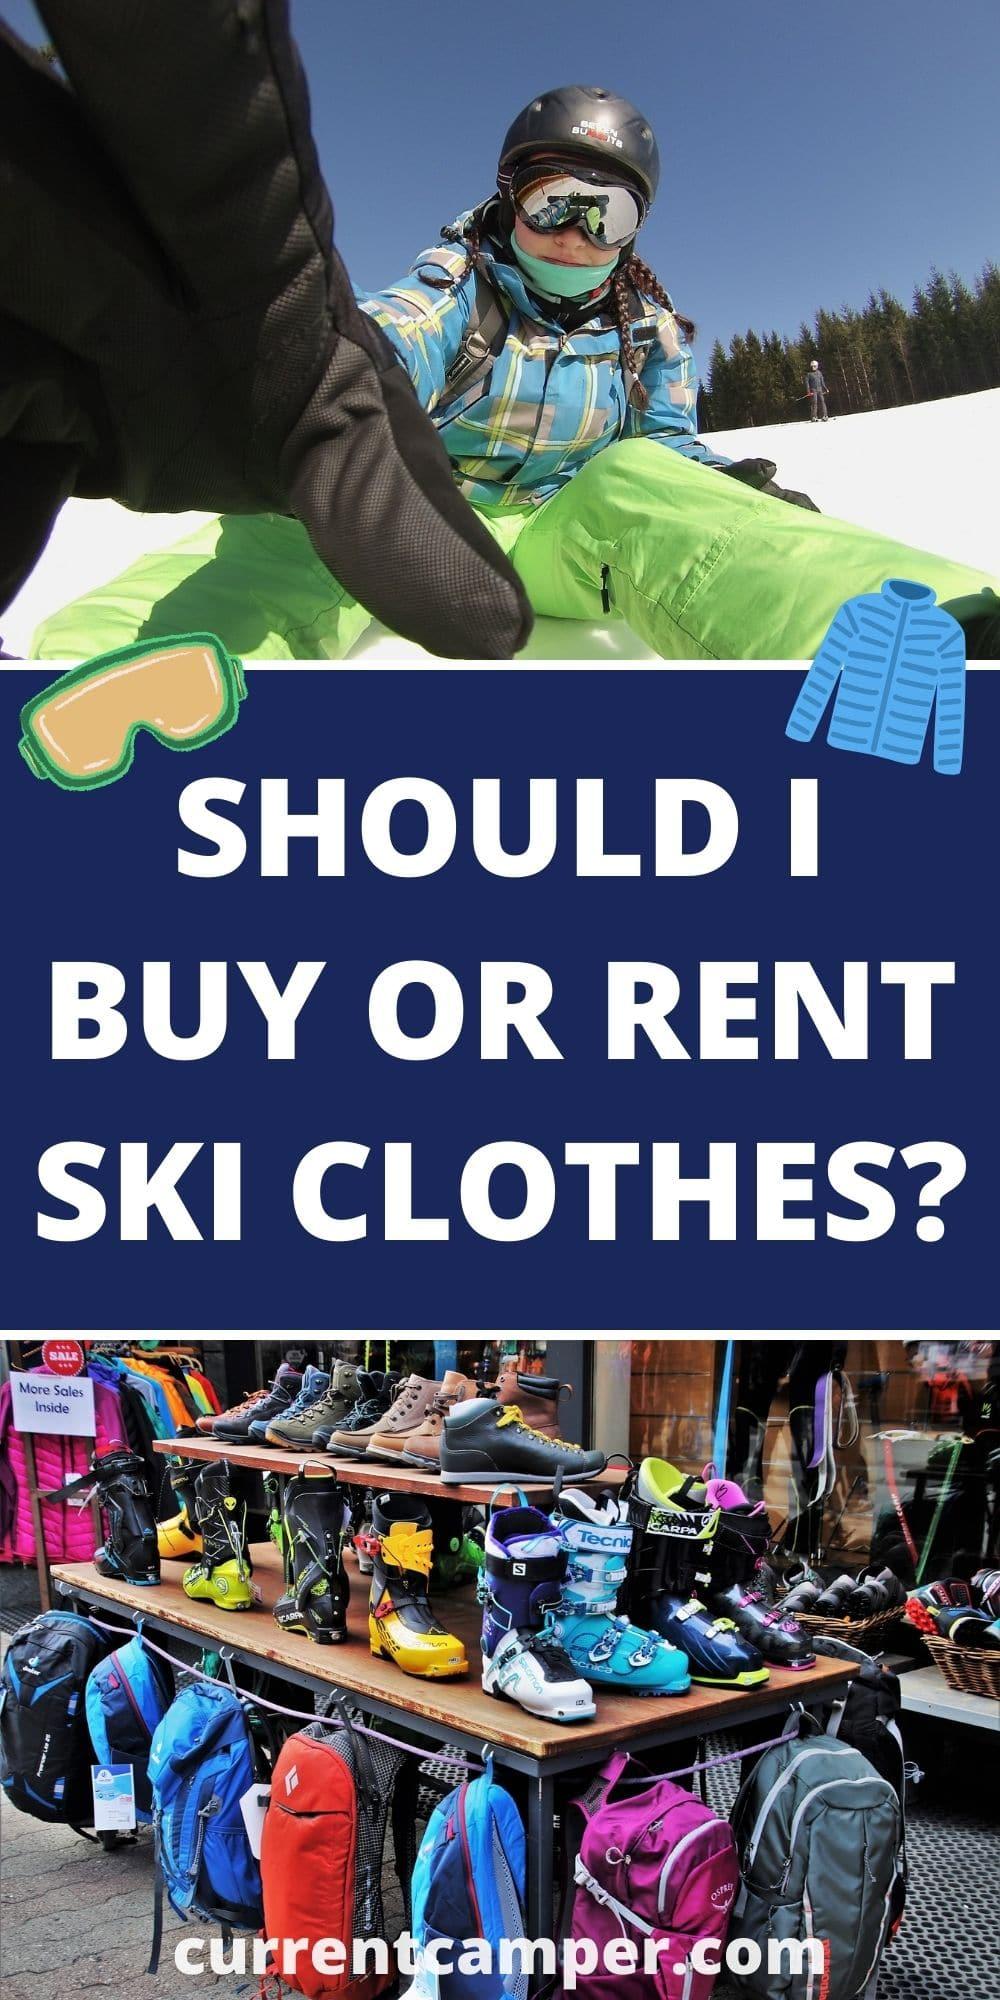 should I buy or rent ski clothes